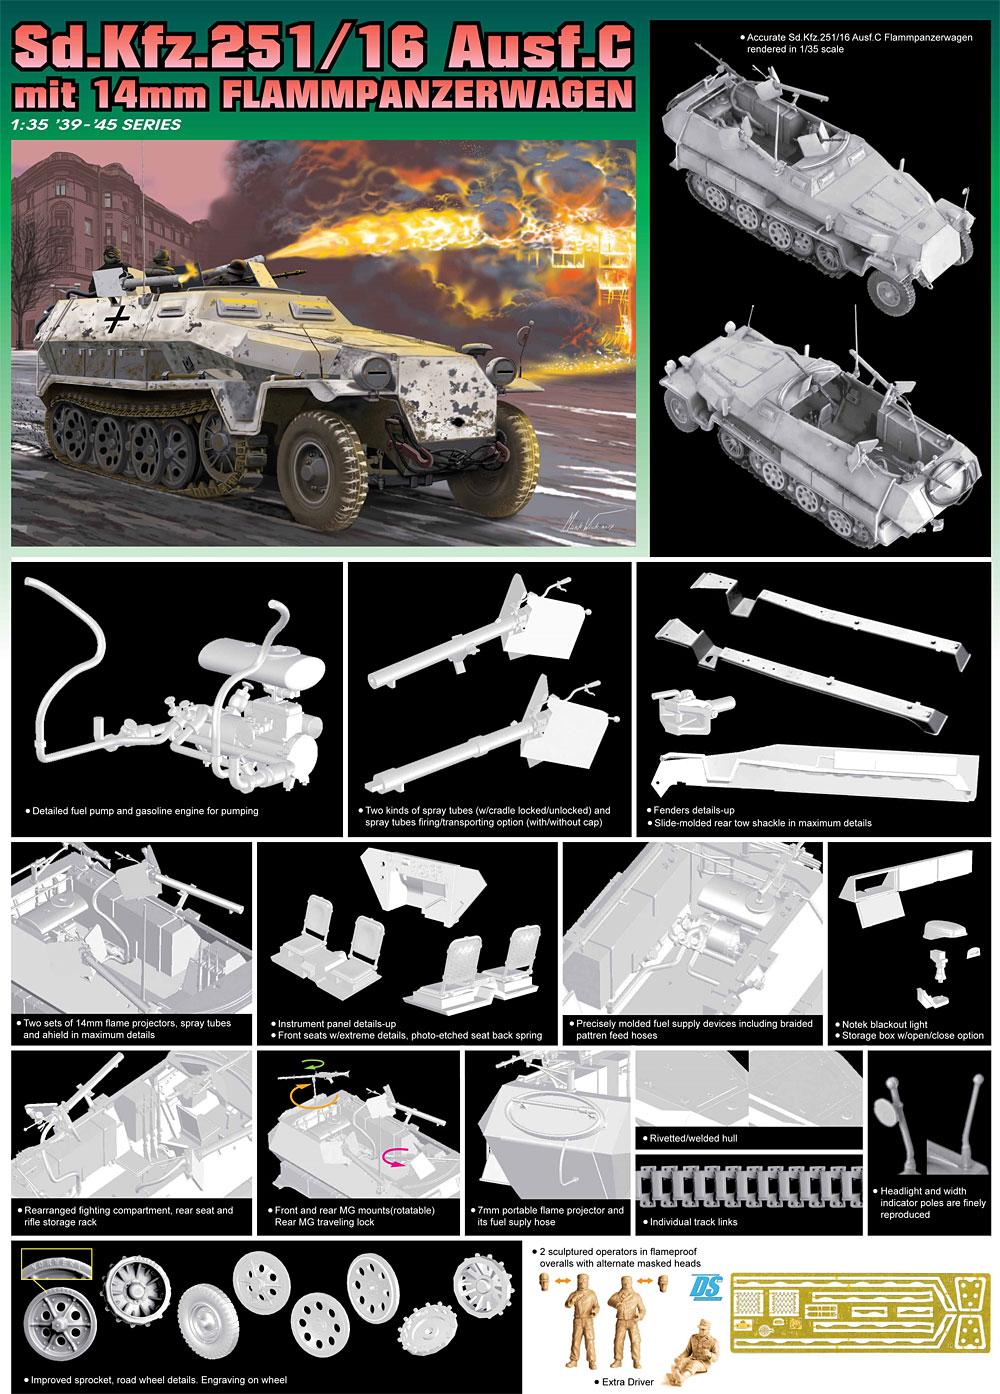 ドイツ Sd.Kfz.251/16 Ausf.C 火炎放射型プラモデル(ドラゴン1/35 '39-'45 SeriesNo.6864)商品画像_4